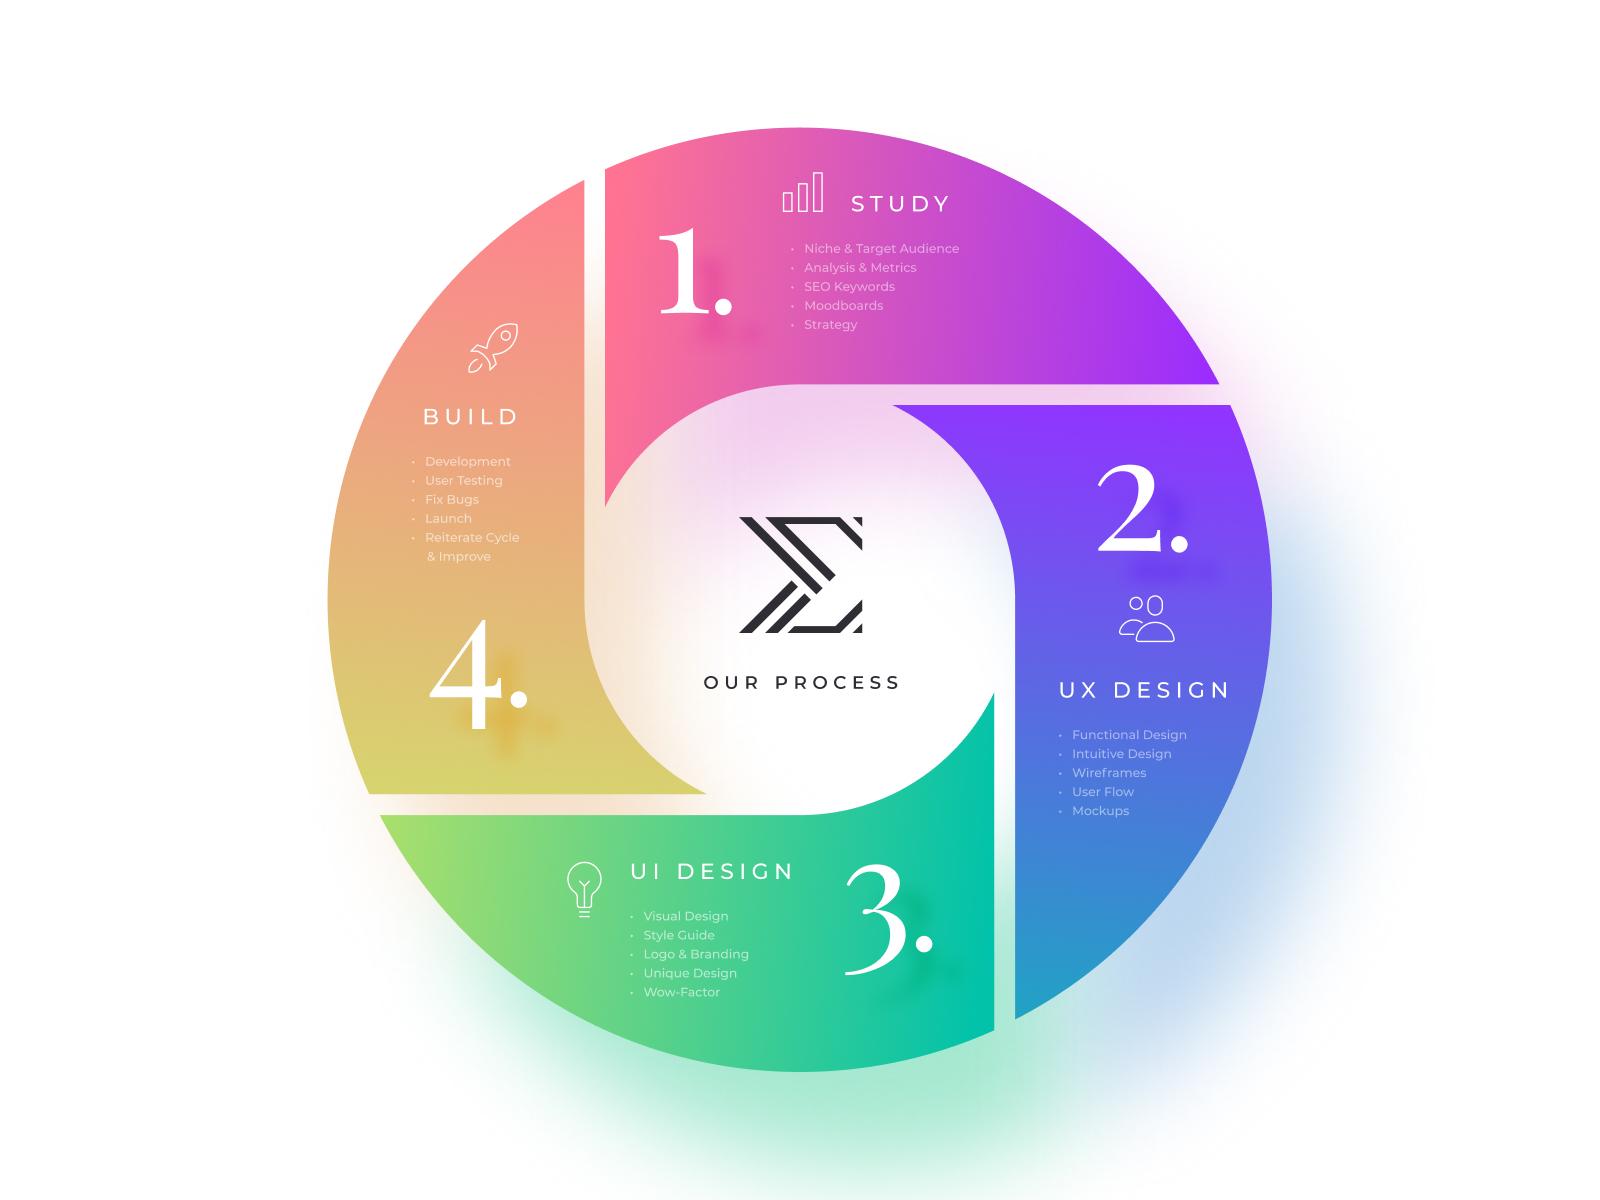 Our ux ui process elite web design